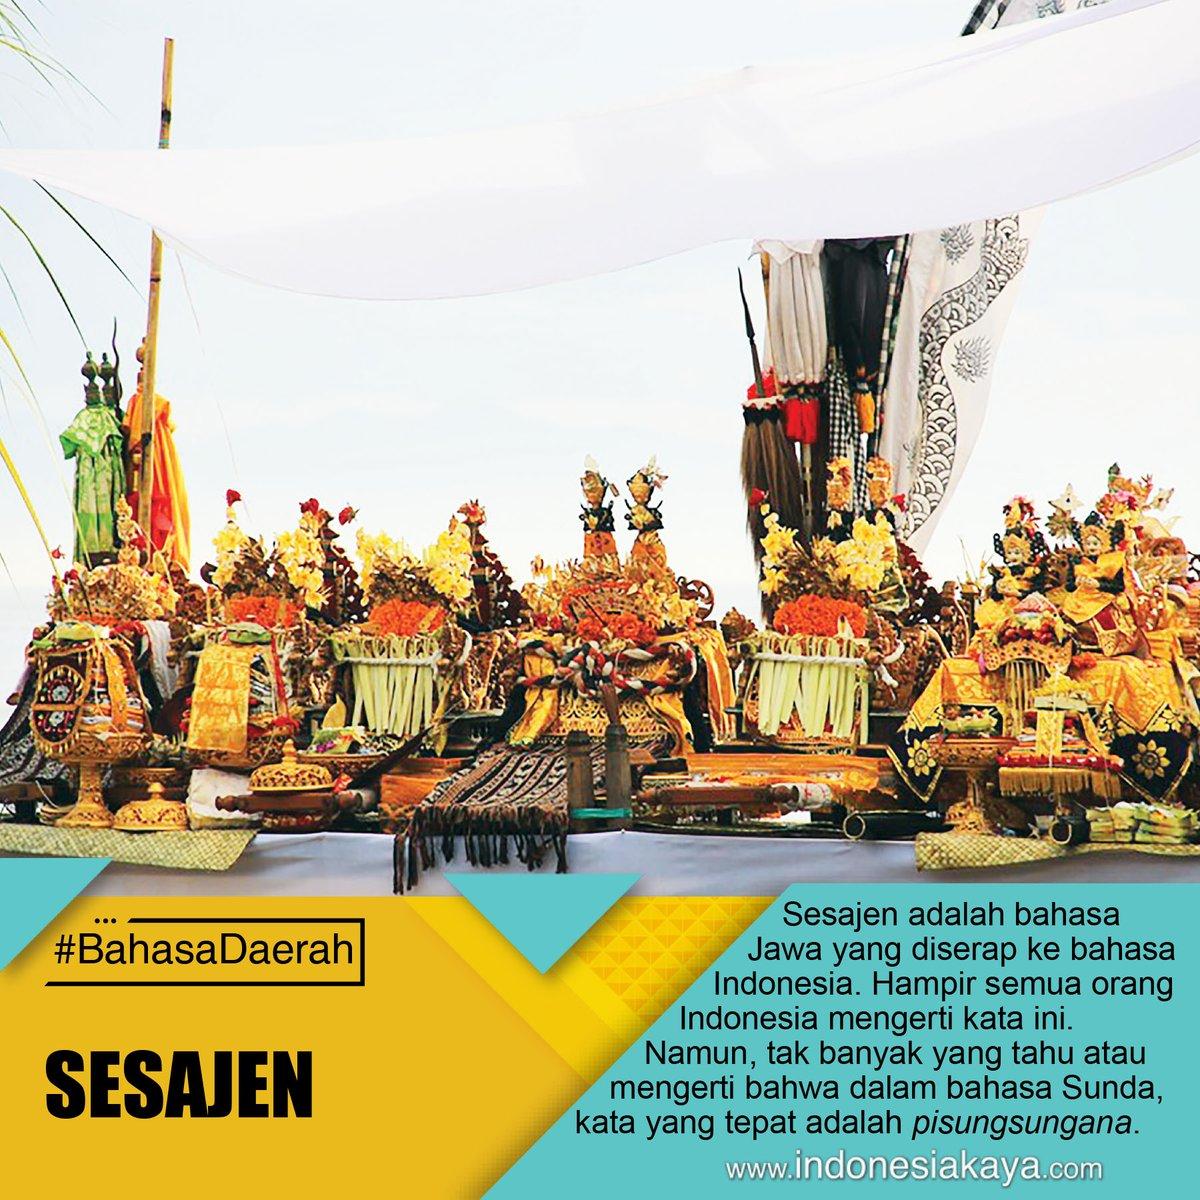 Sesajen adalah sinonim kata semah yang diserap dari bahasa Jawa yang berarti persembahan. Sedangkan dalam bahasa Indonesia, ini disebut pisungsungana. #BahasaDaerah pic.twitter.com/7vAOt3v8TJ